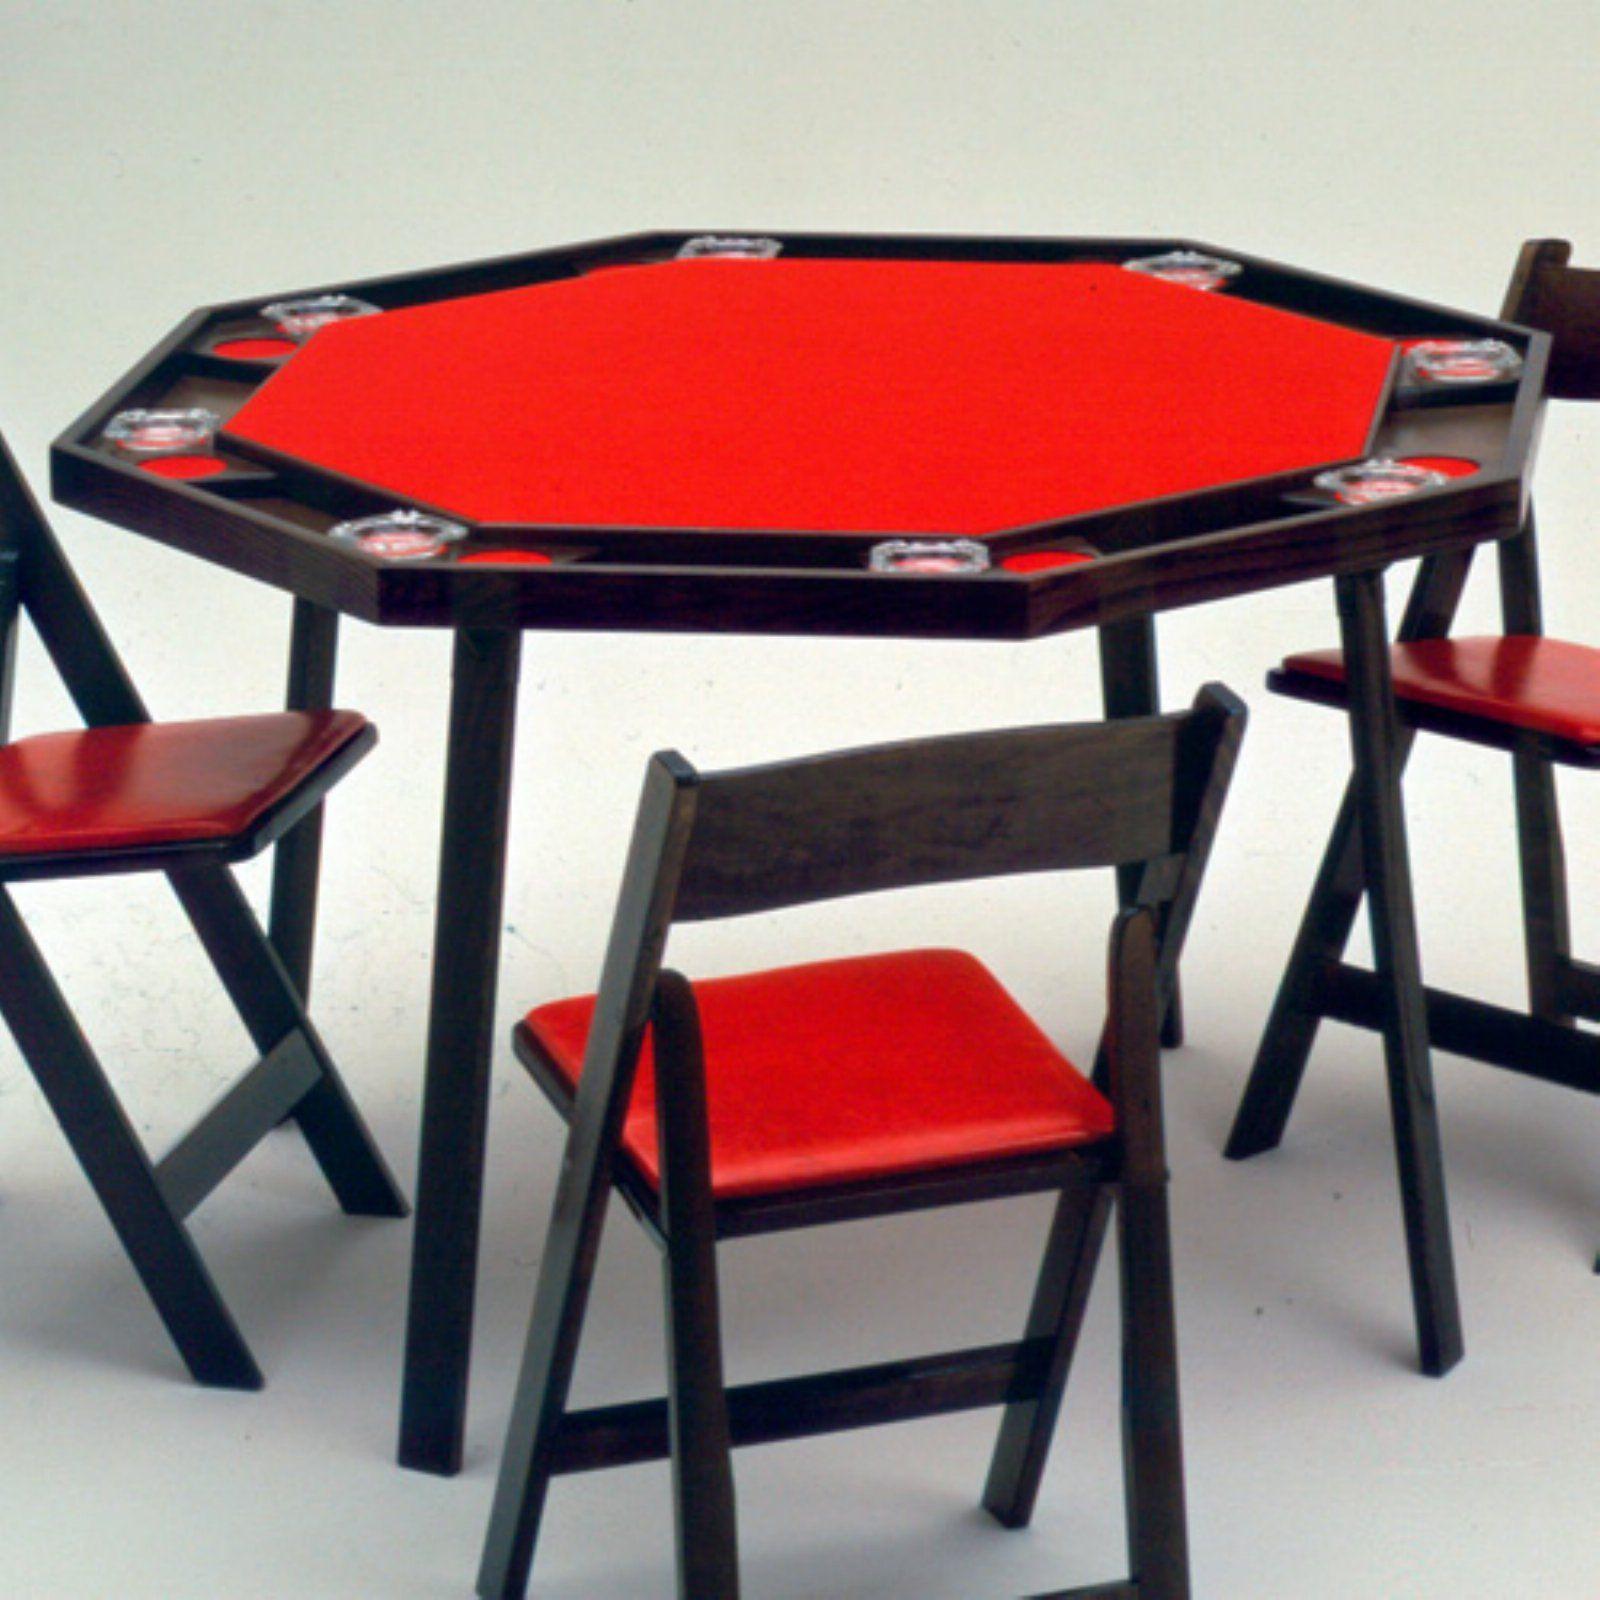 Kestell O 48 Oak Octagonal Folding Poker Table 48 Inch In 2020 Folding Poker Table Poker Table Poker